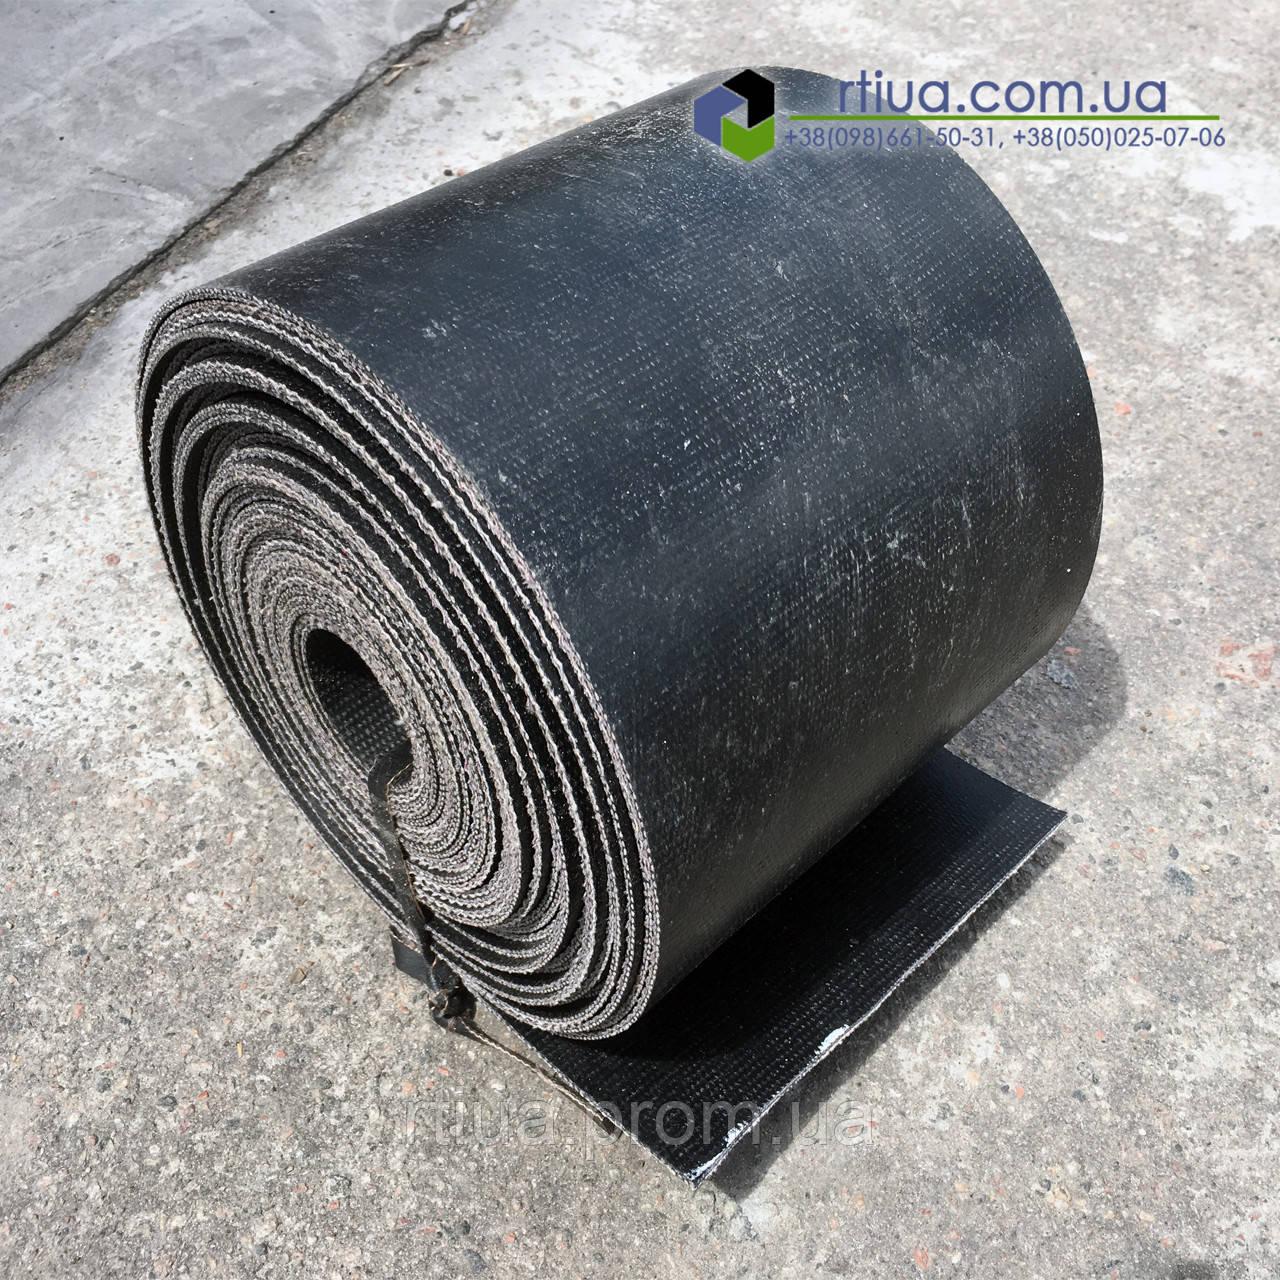 Транспортерная лента БКНЛ, 200х2 мм